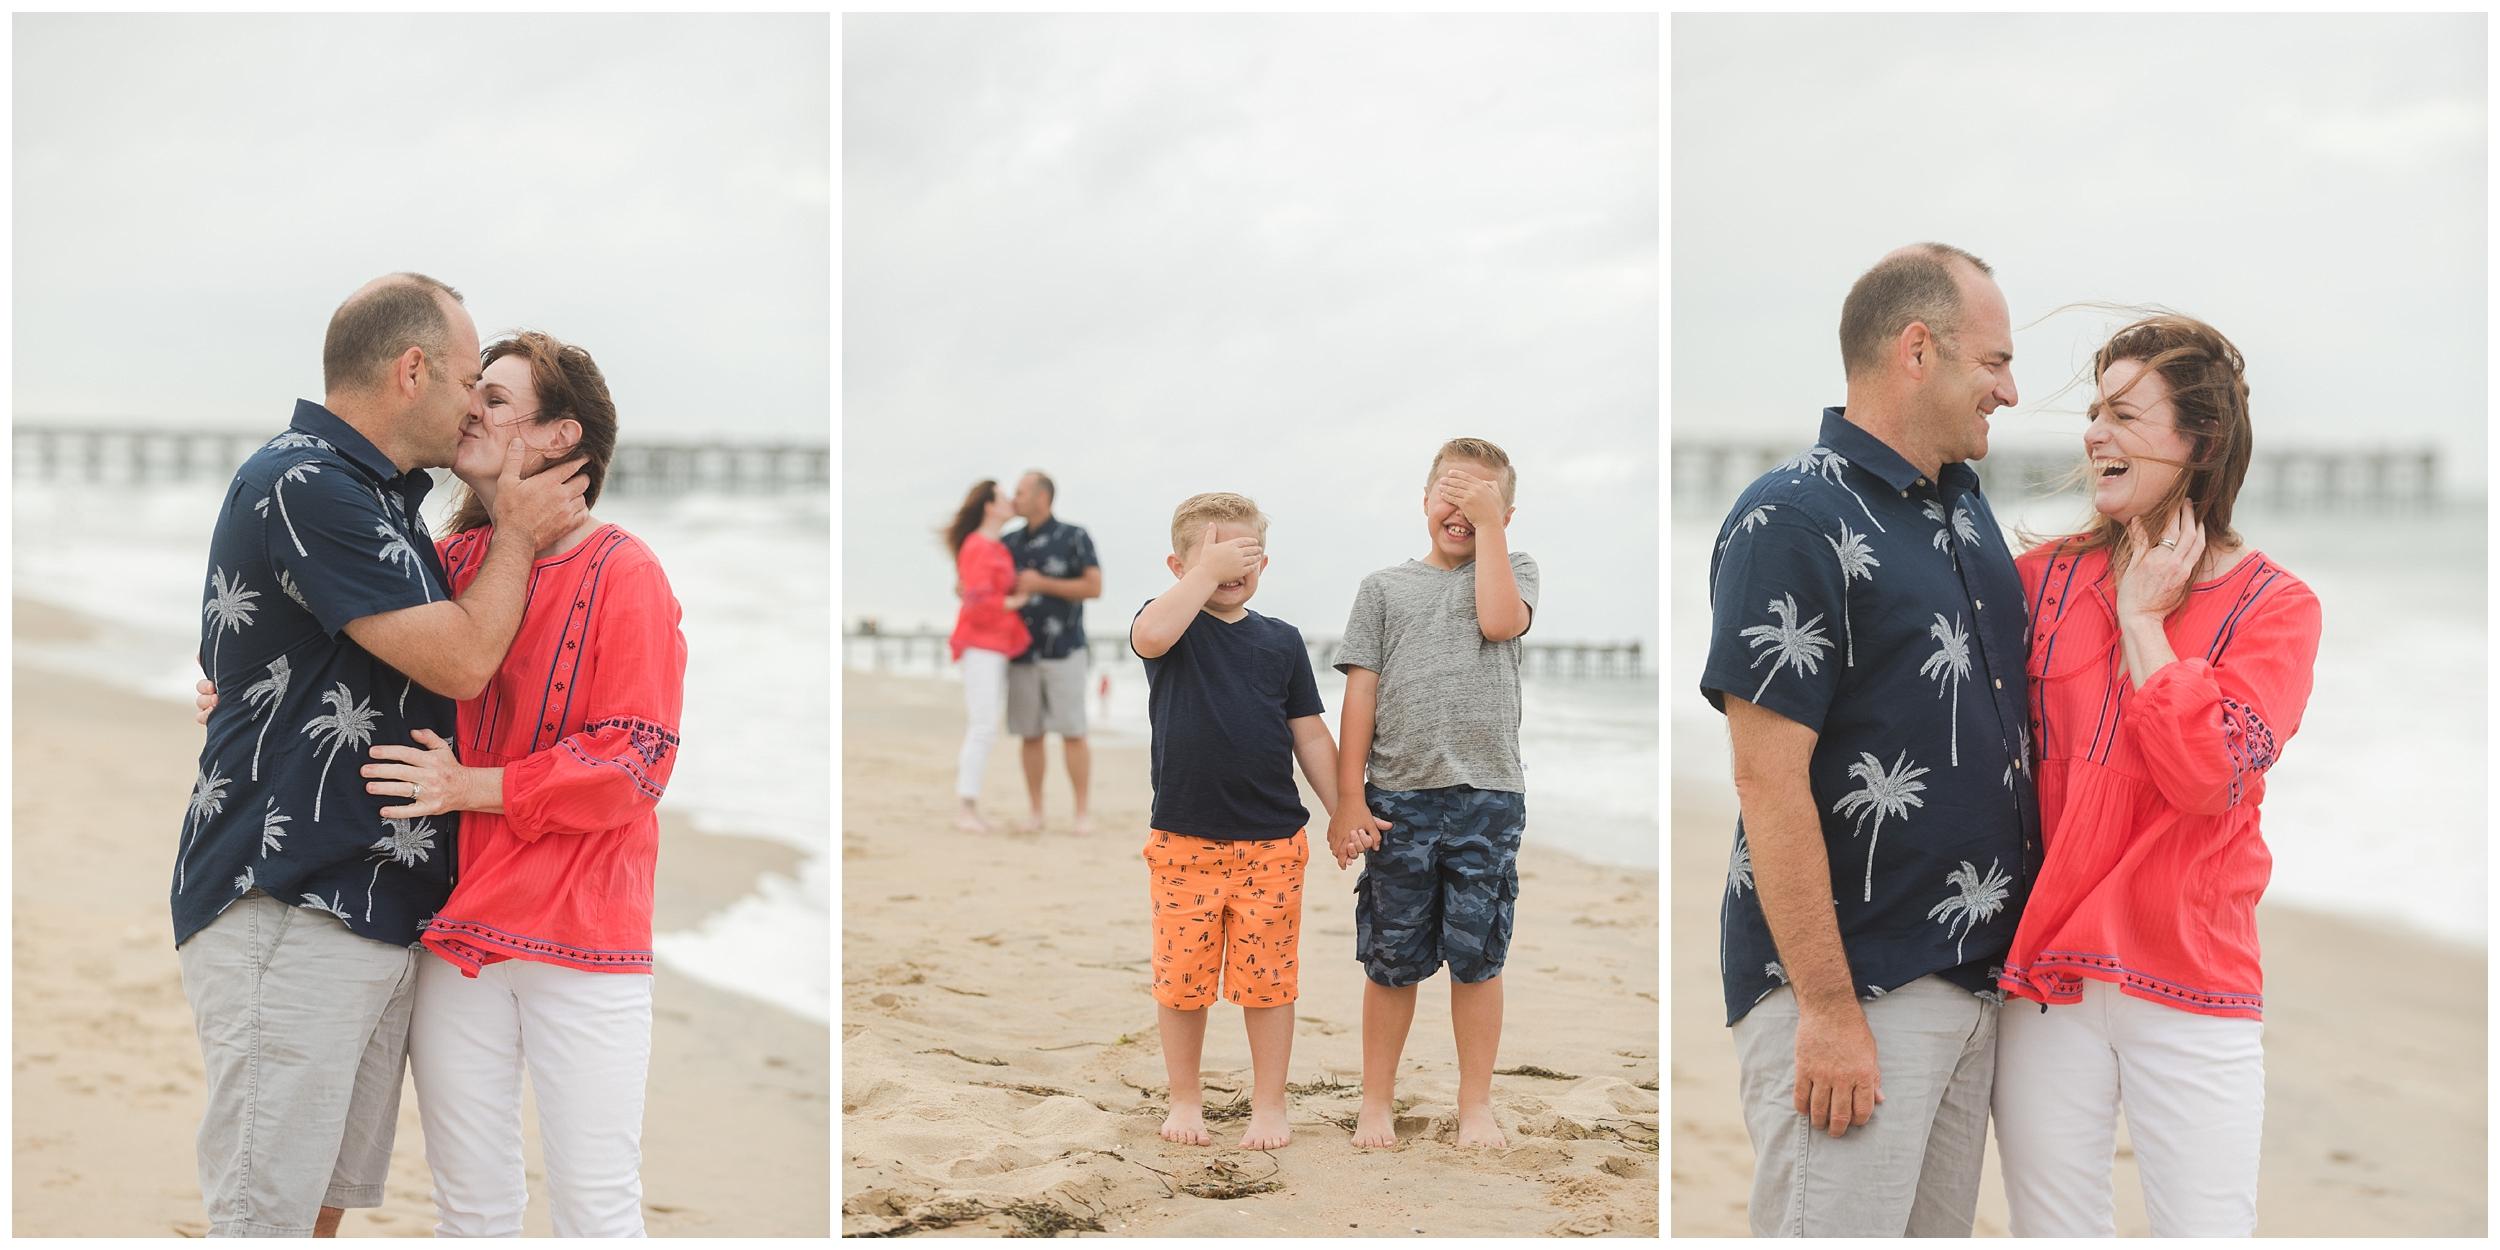 sandbridge family photography by elovephotos_0014.jpg